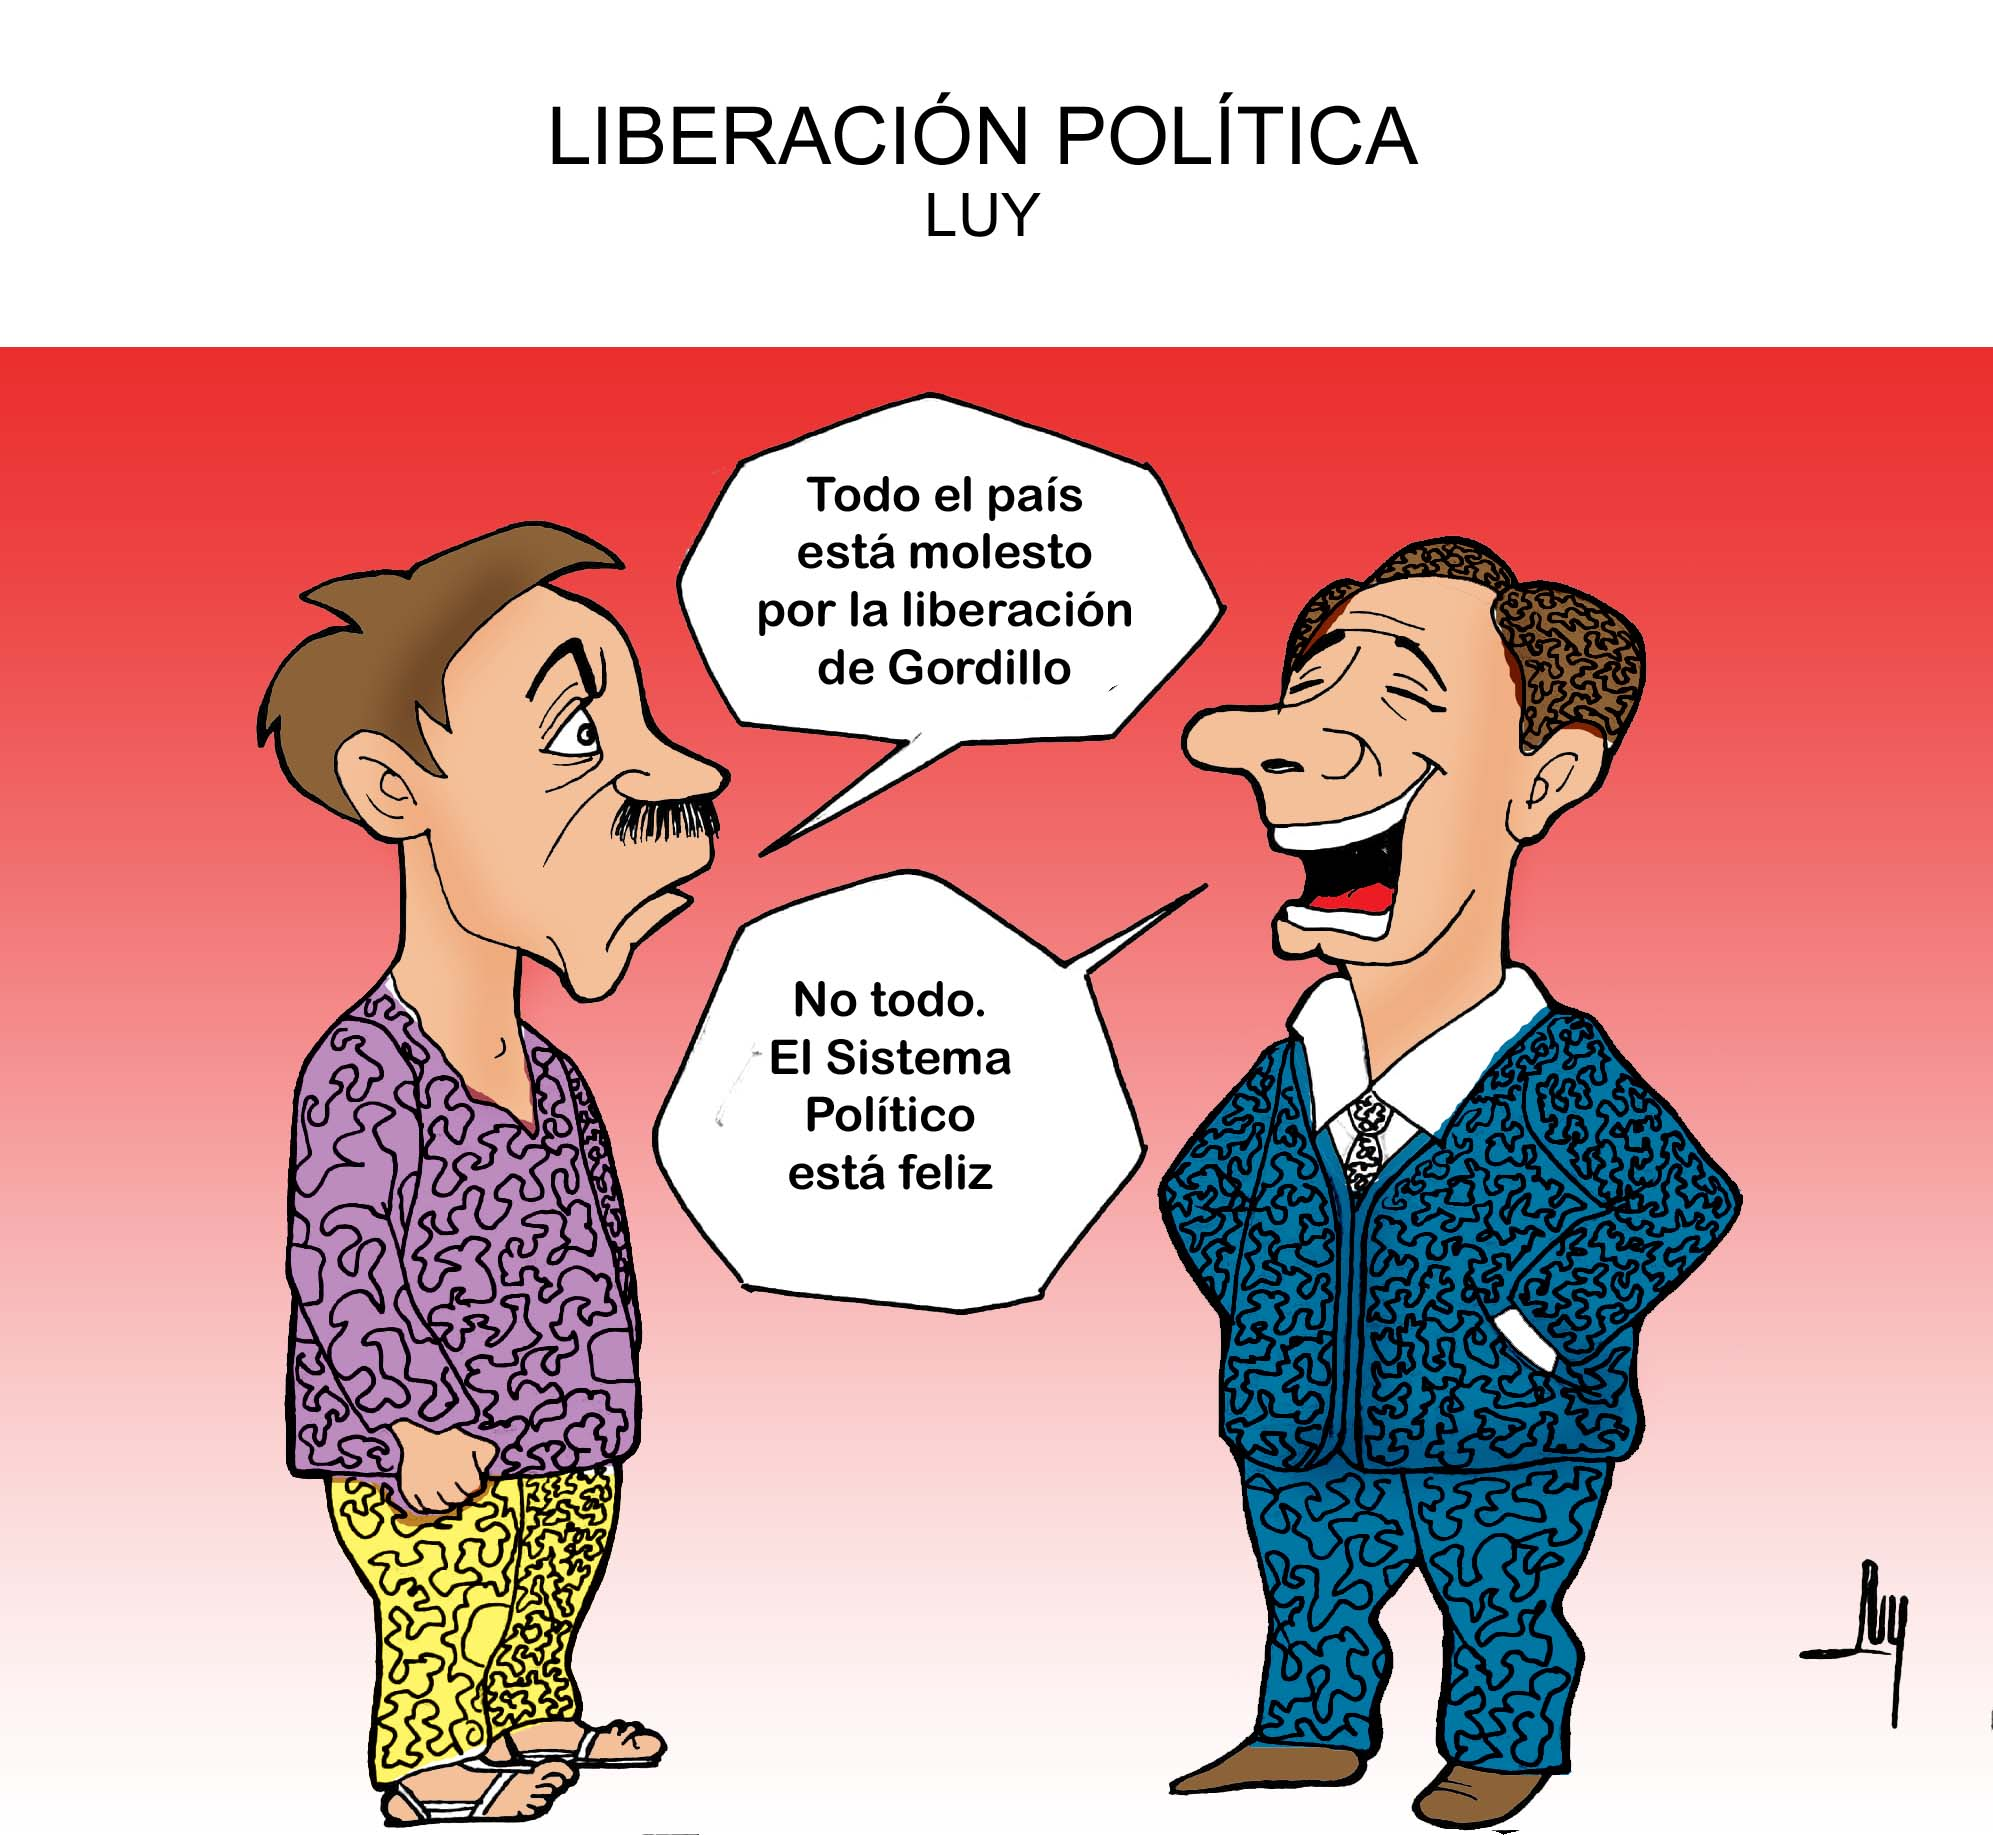 liberacion-politica